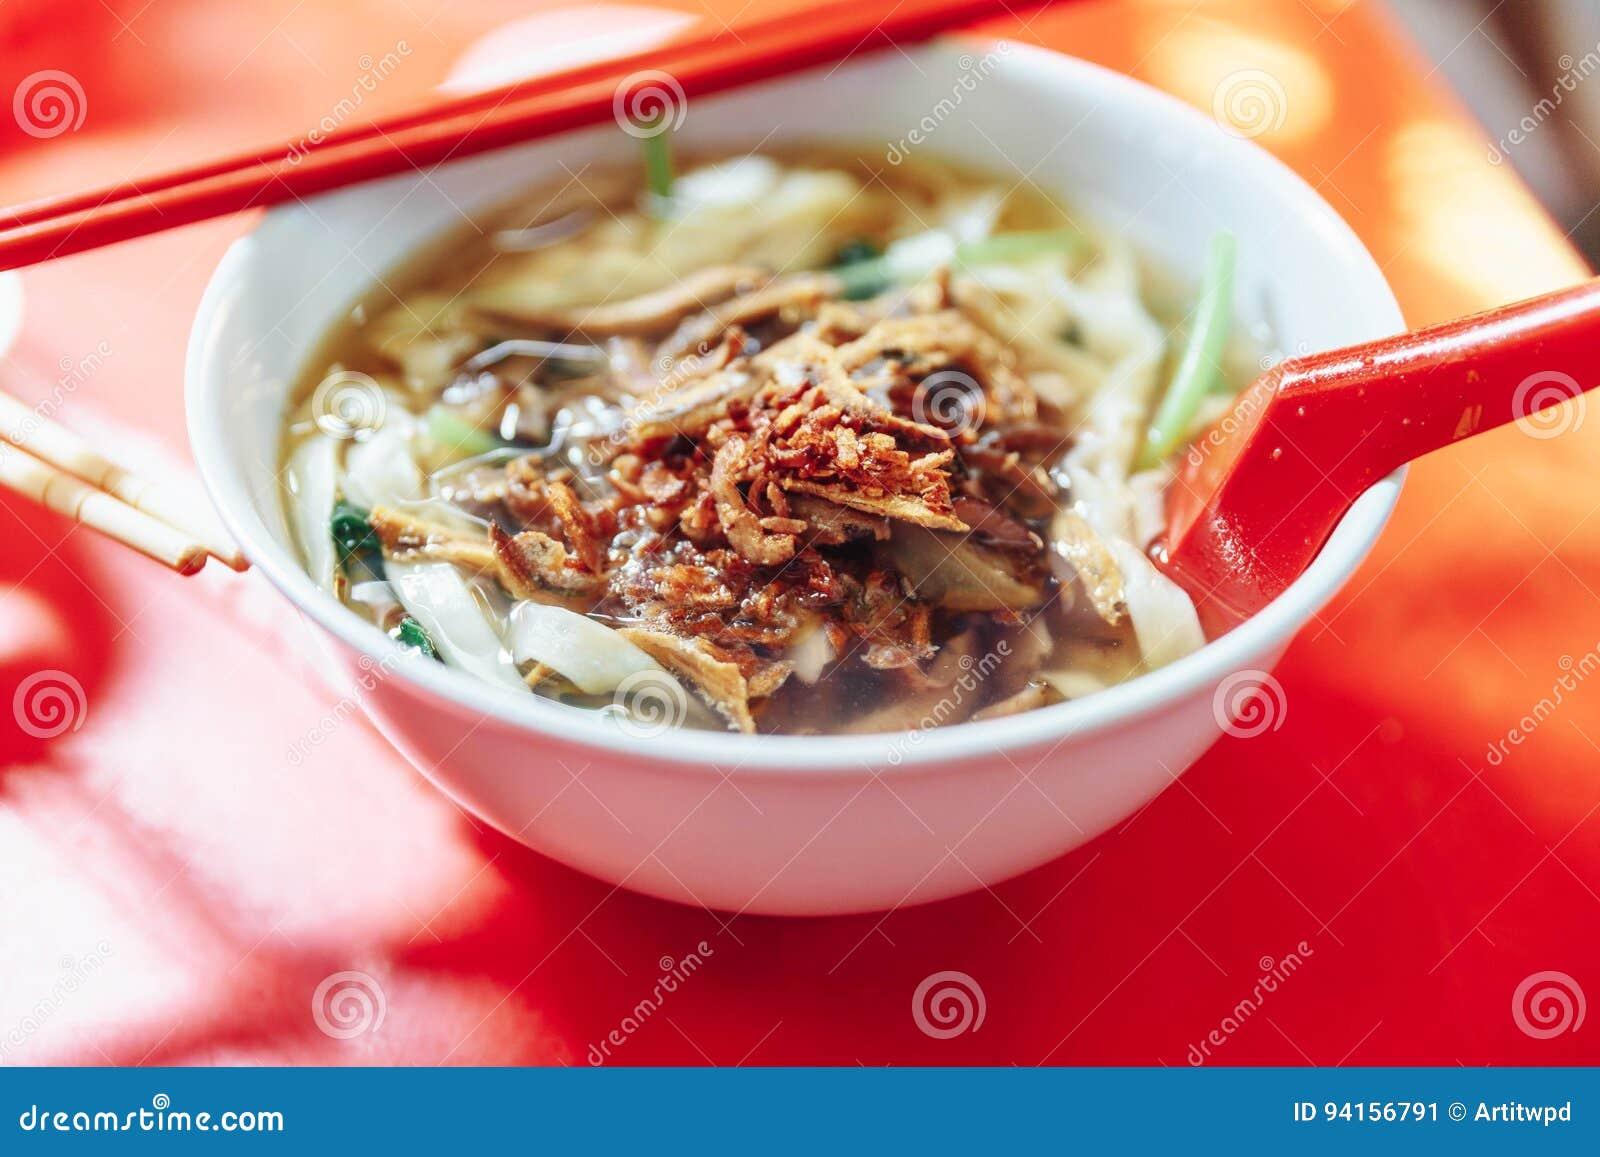 La prohibición Mian es un plato popular de los tallarines